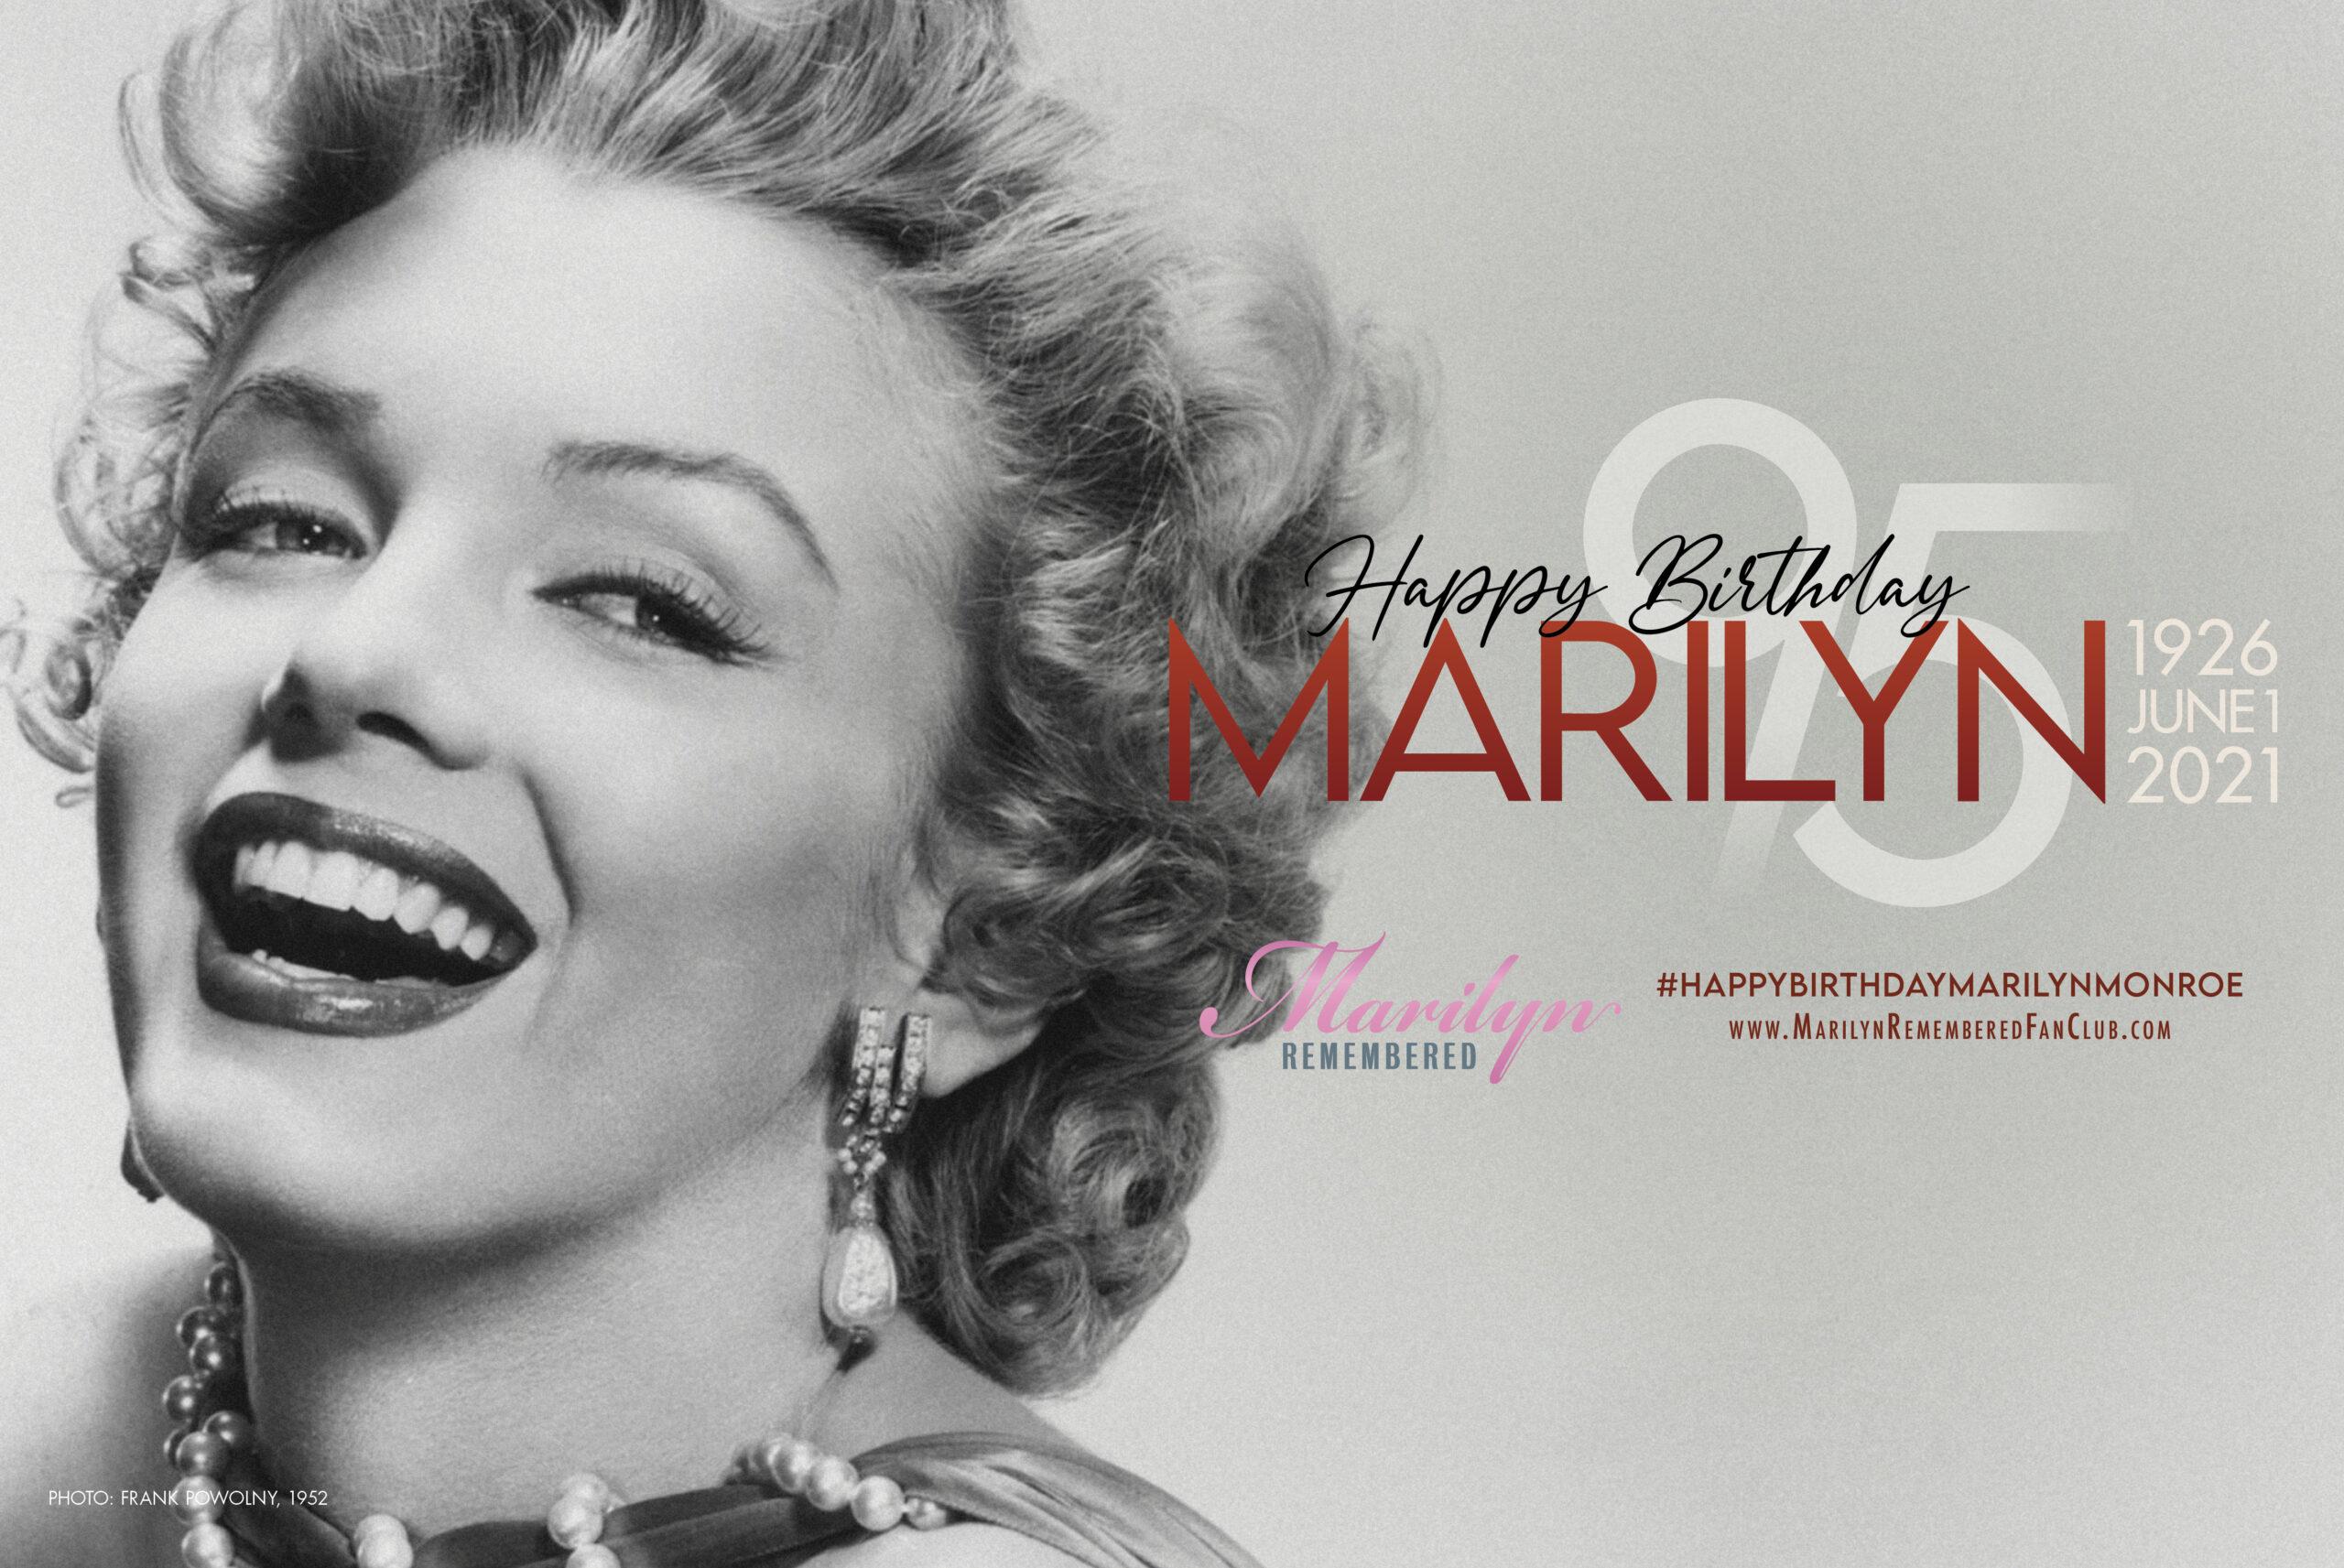 Happy 95th Birthday Marilyn Monroe